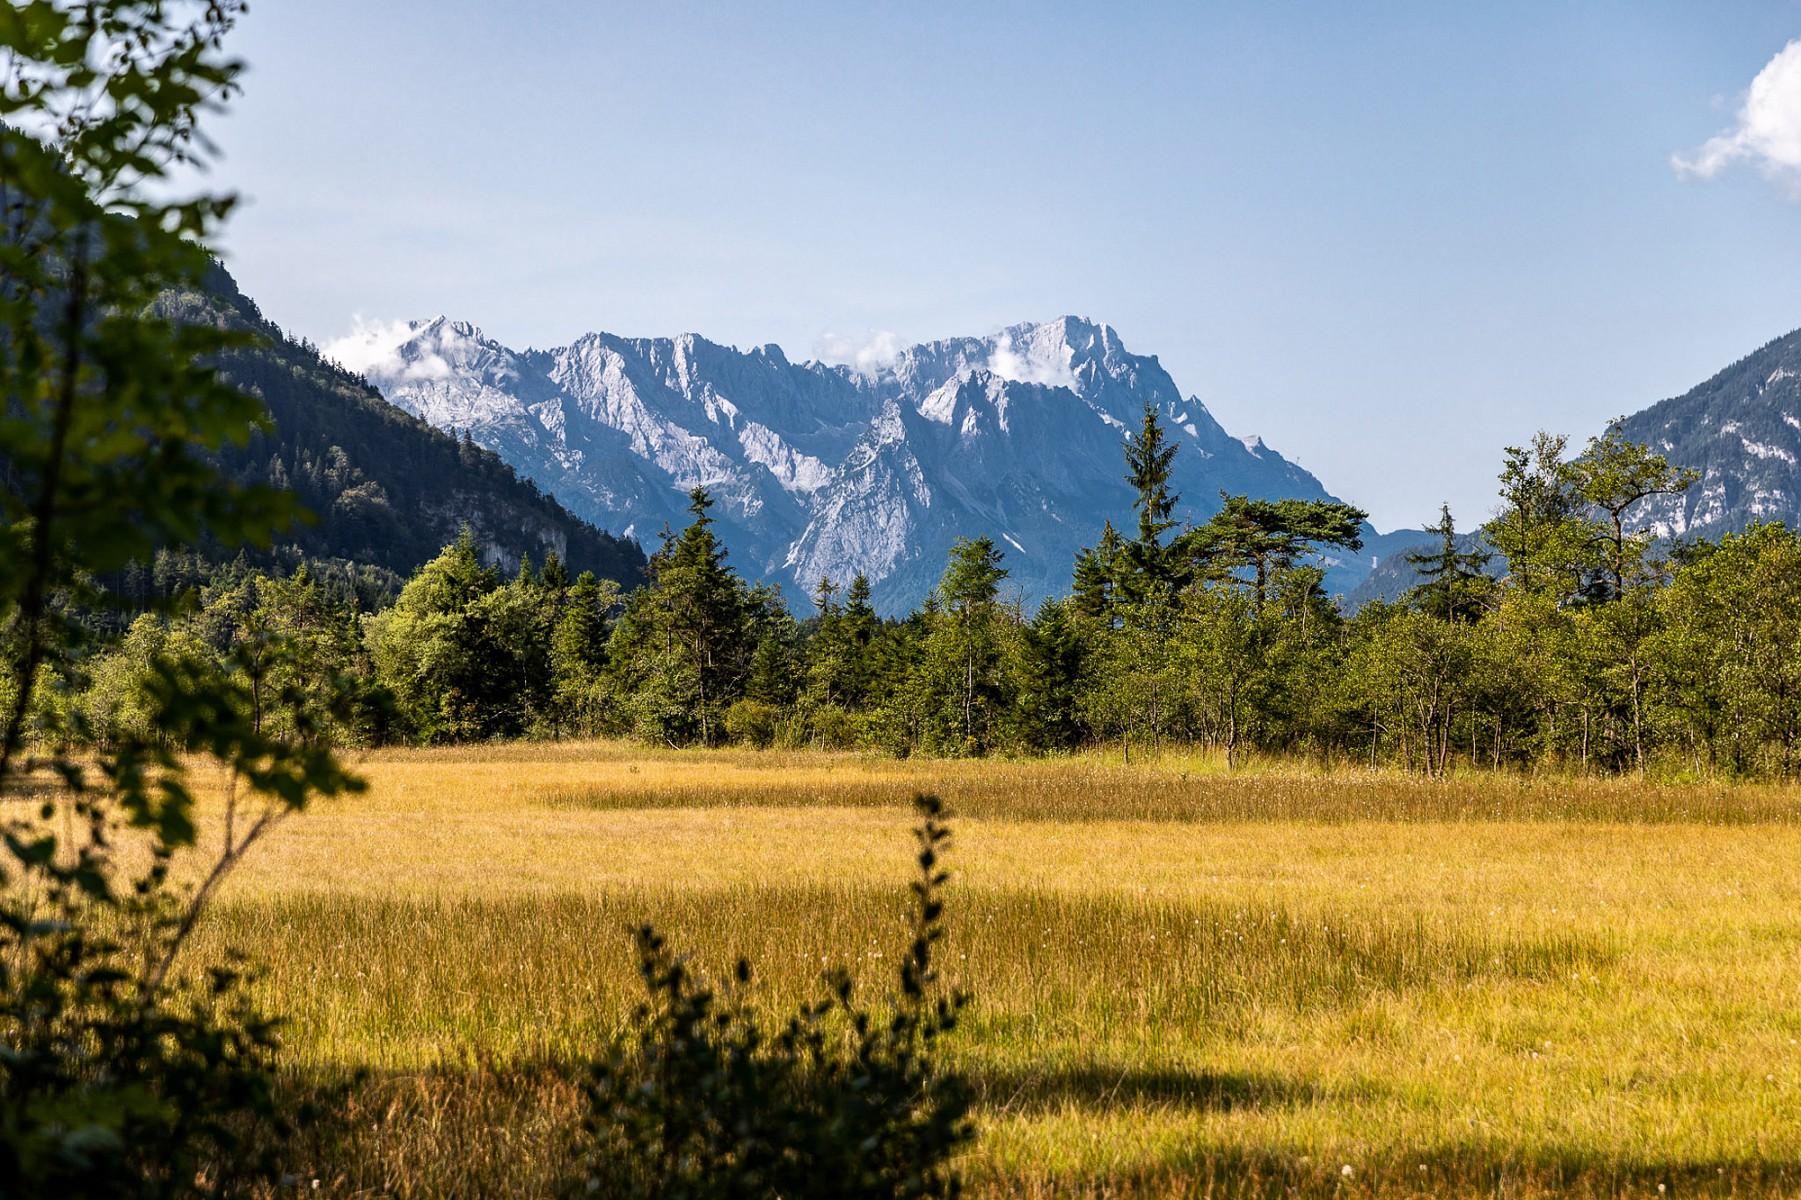 pAuf-200-km-durch-Waumllder-Taumller-undnbspSchluchten-und-natuumlrlich-auf-die-Berge-der-Zugspitz-Region-Wir-nehmen-Sie-mit-auf-den-neuen-emSpitzenwanderwegembr-Ca-25-km-nach-unserem-Start-in-Murnau-werden-wir-mit-einem-herrlichen-Panoramablick-auf-das-Zugspitzmassiv-belohntbr-span-stylefont-size14pxAlle-Fotos-copy-Zugspitz-Region-GmbH-Erika-Spenglerspanp